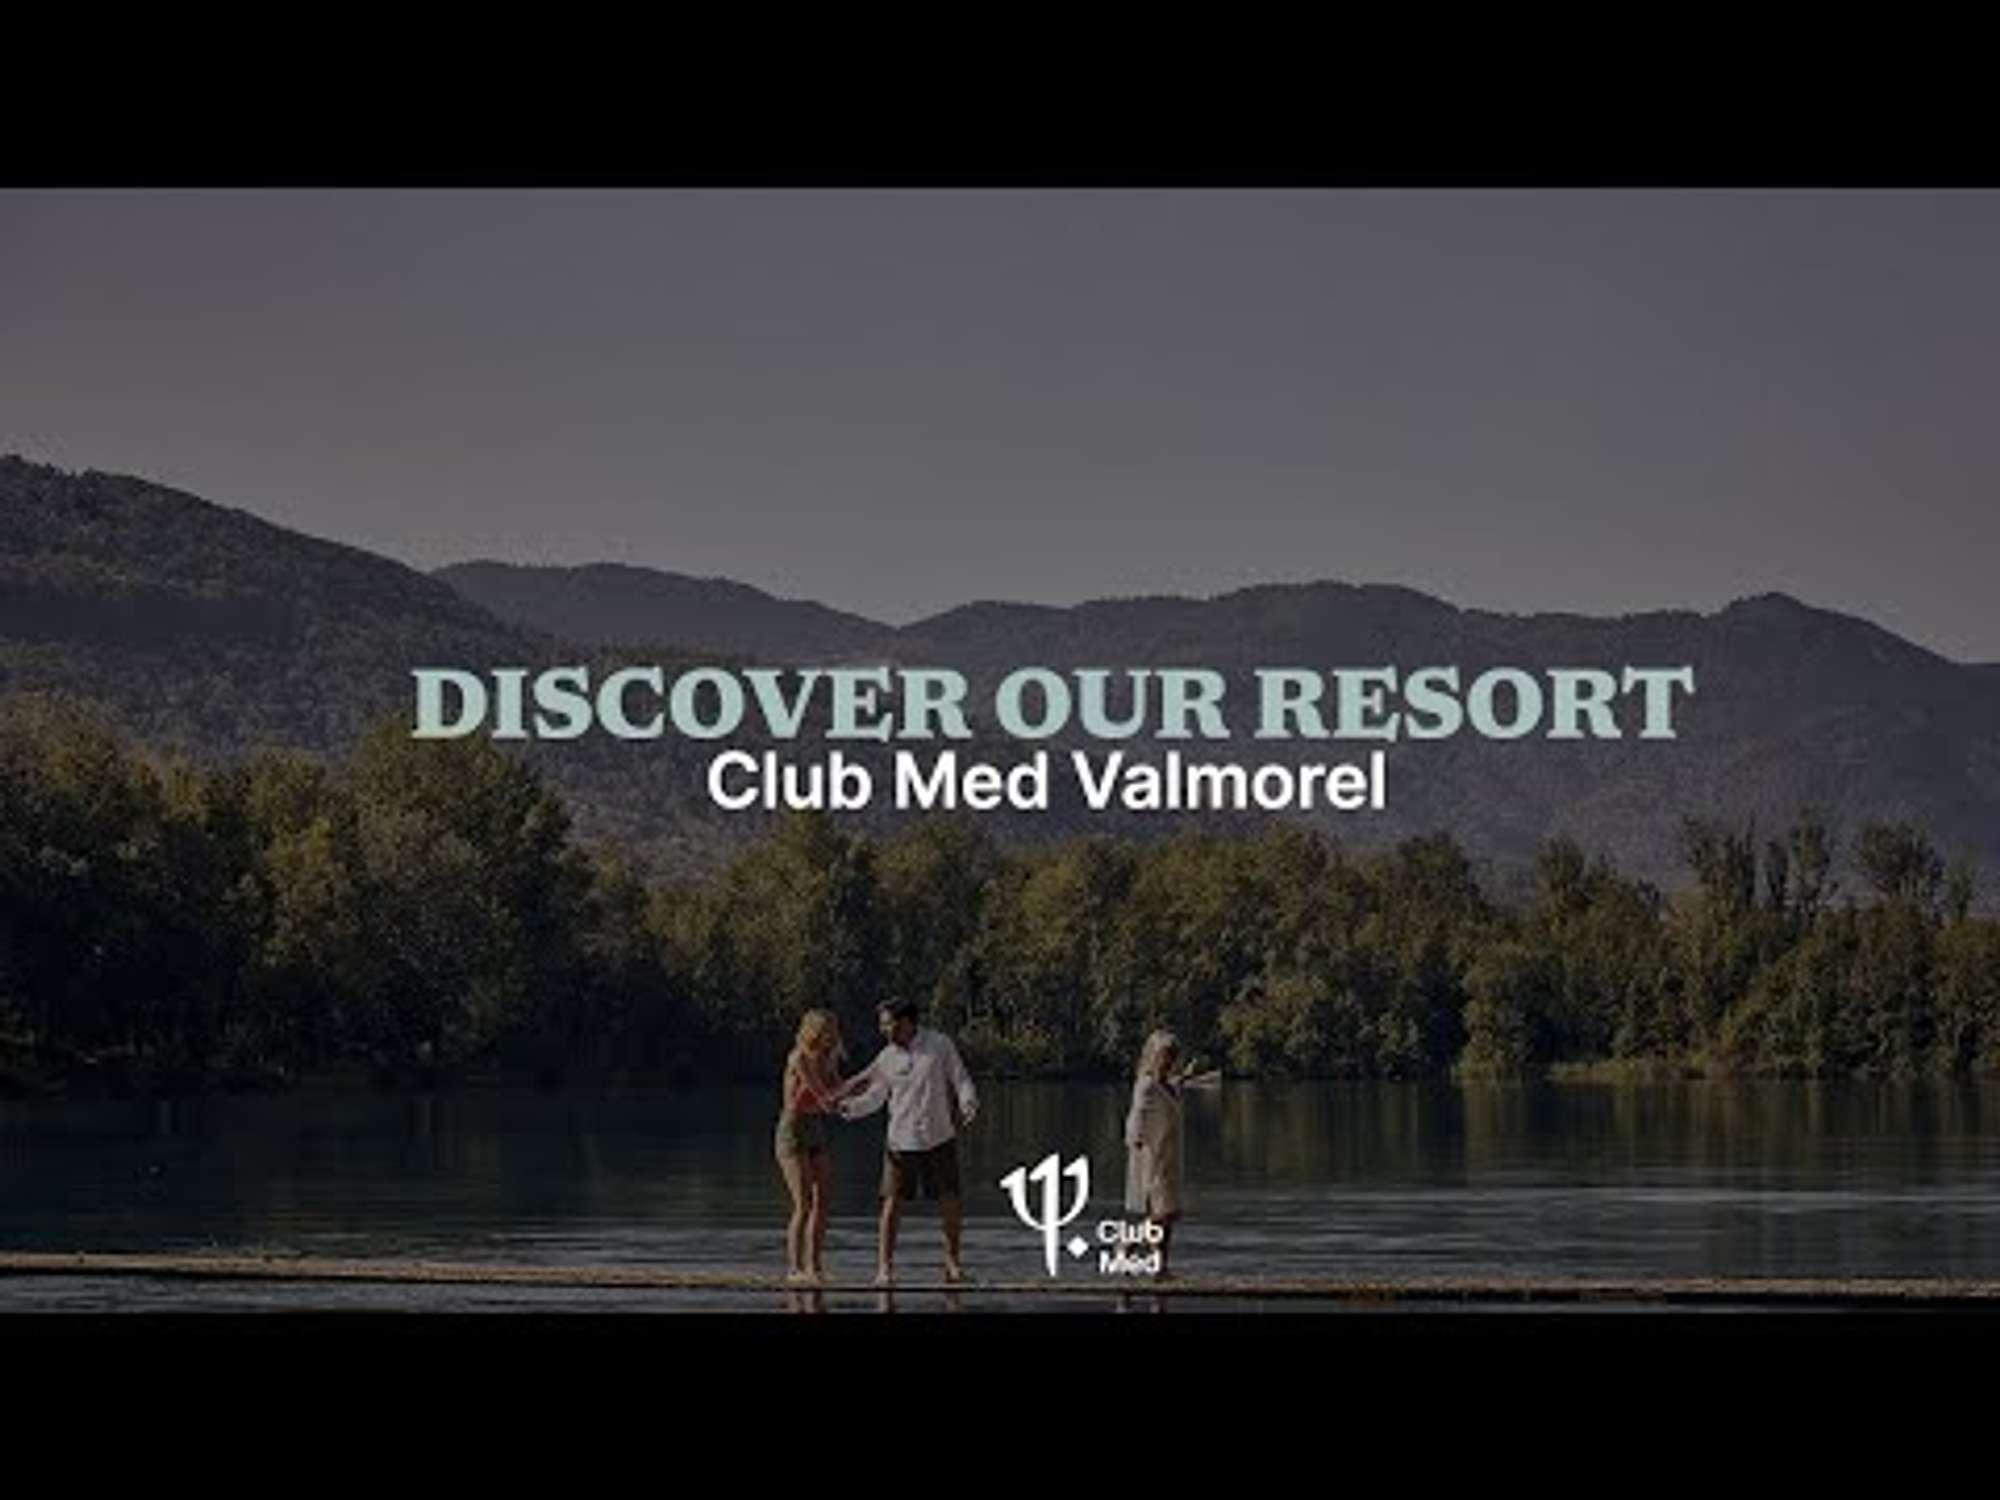 Відкрити галерею слайд-шоу Valmorel Відео  на 1